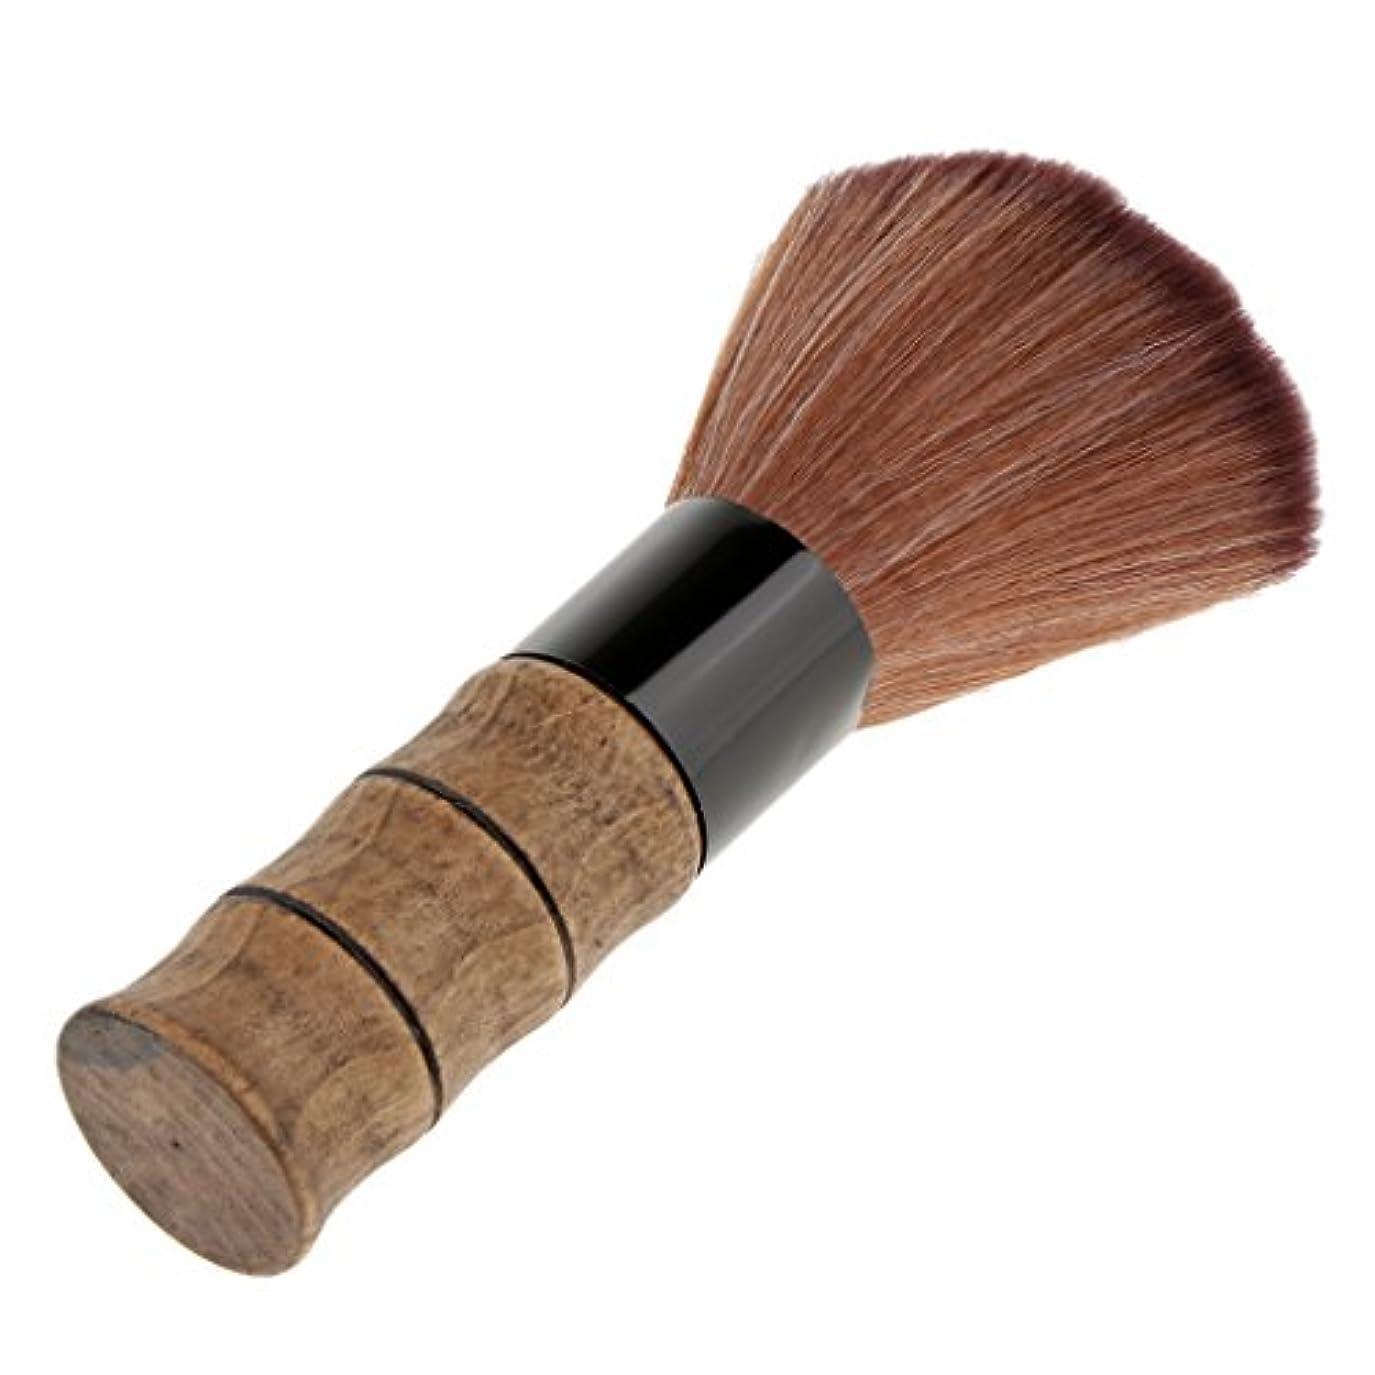 スリチンモイ控えめな抑圧するシェービングブラシ ソフトファイバー 脱毛 シェービング ブラシ ブラッシュ ルーズパウダー メイクブラシ 繊維+竹ハンドル 2色選べる - 褐色